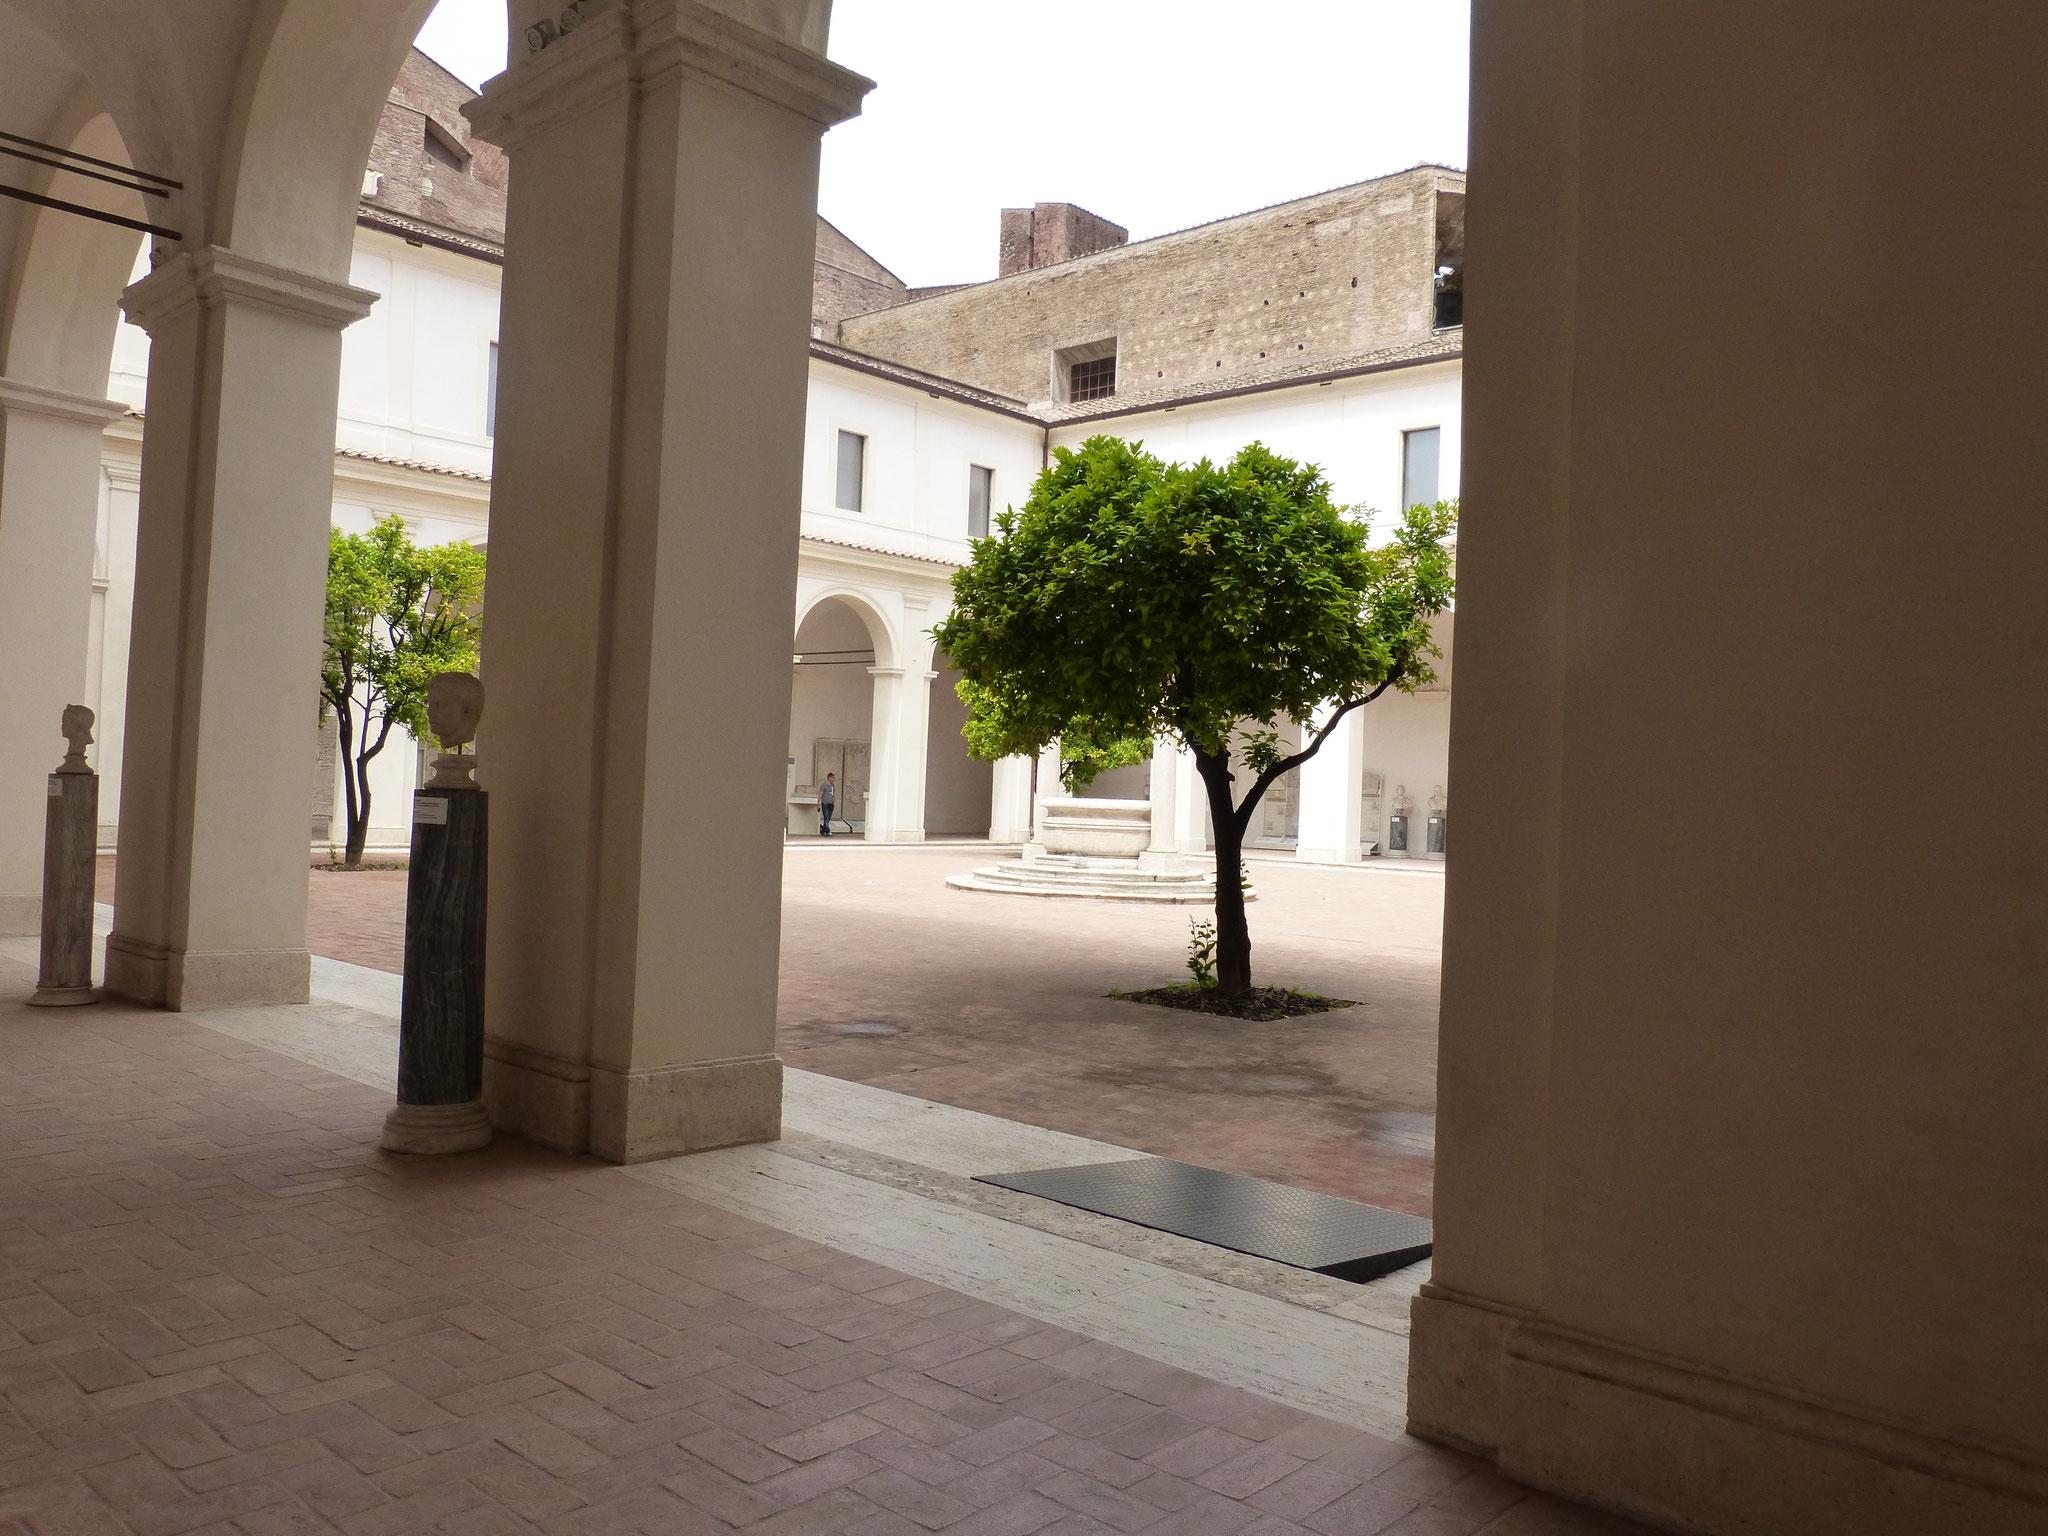 Einer der beiden Kreuzgänge des ehemaligen Klosters.